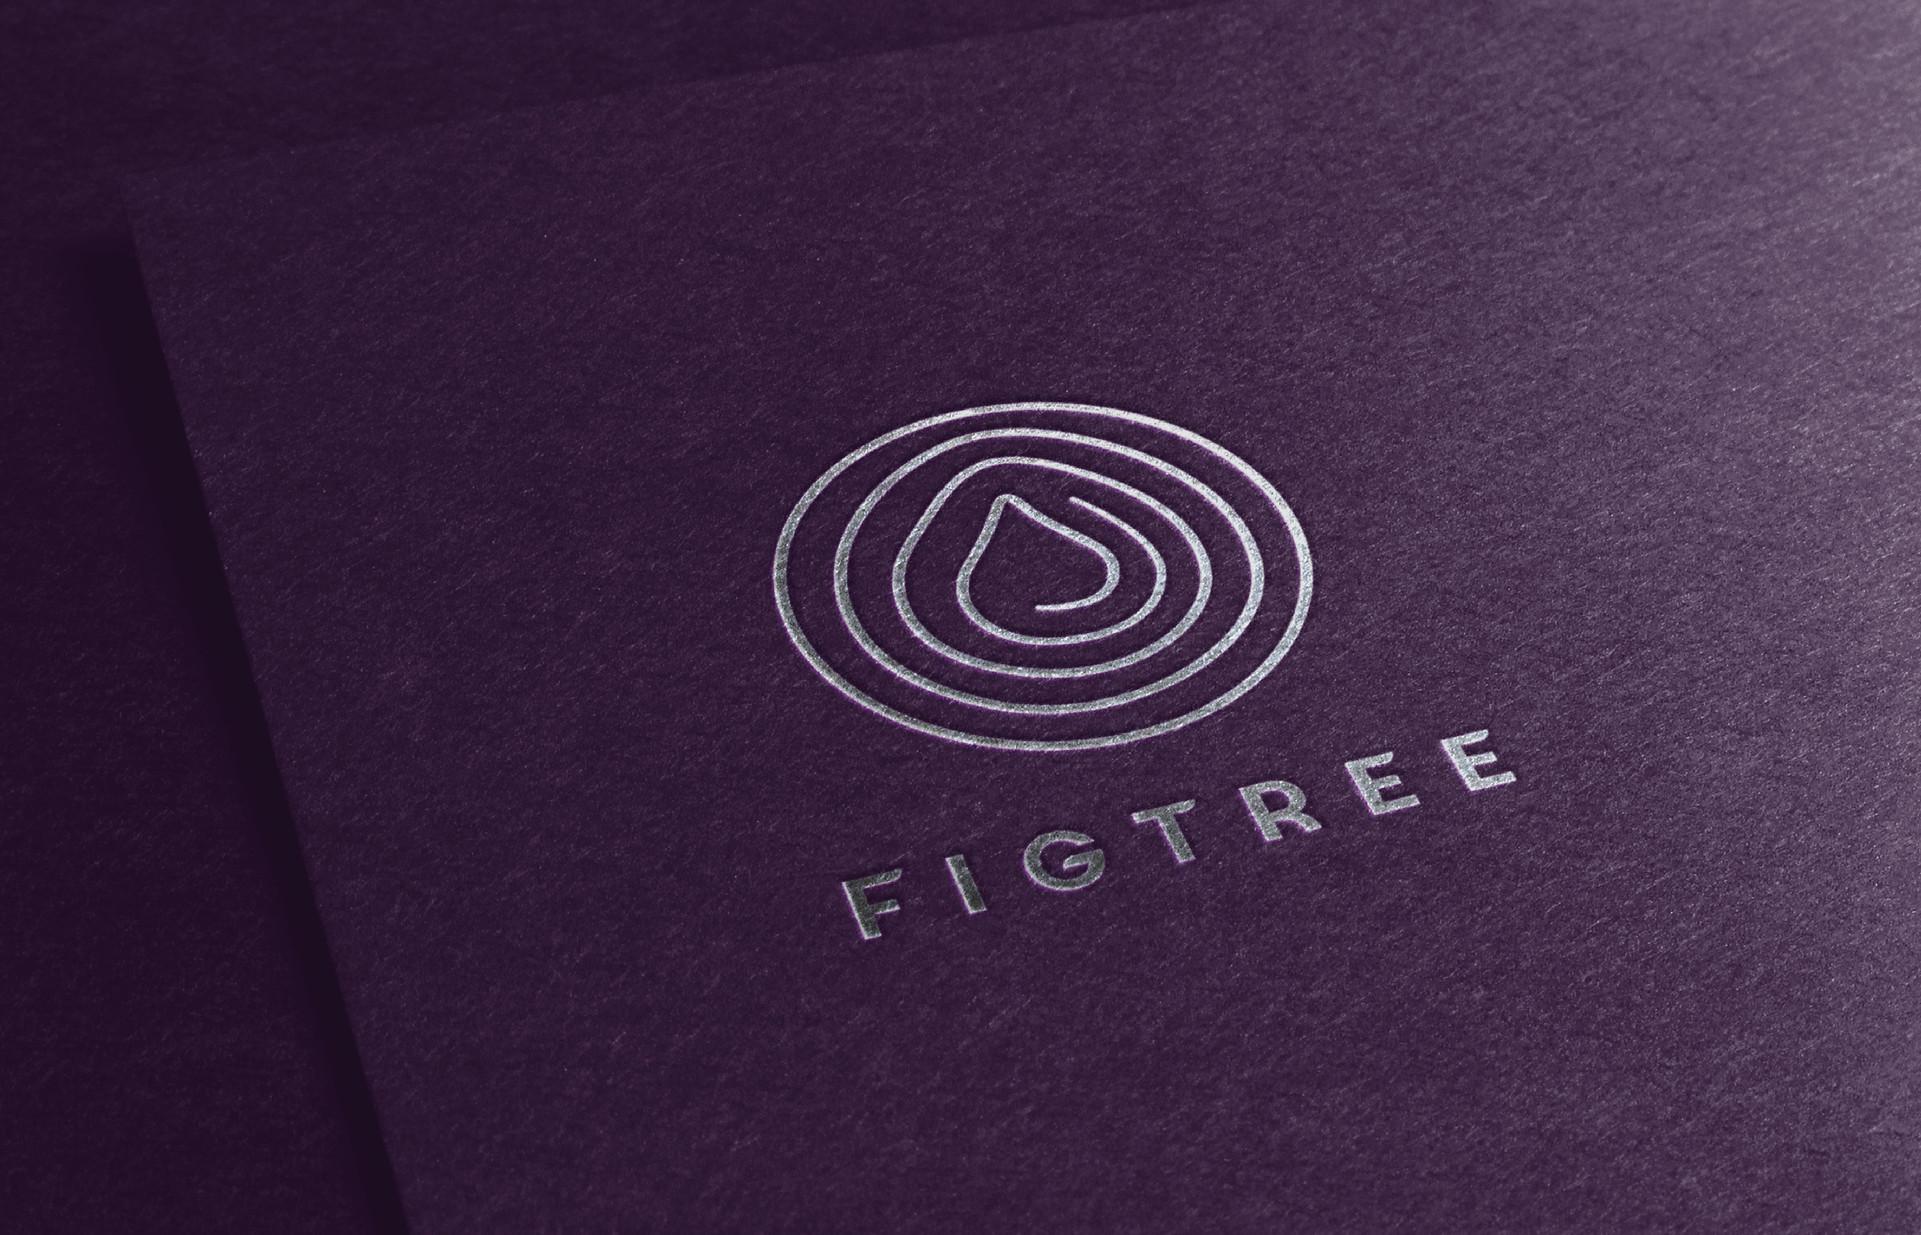 FIGTREE-04.jpg